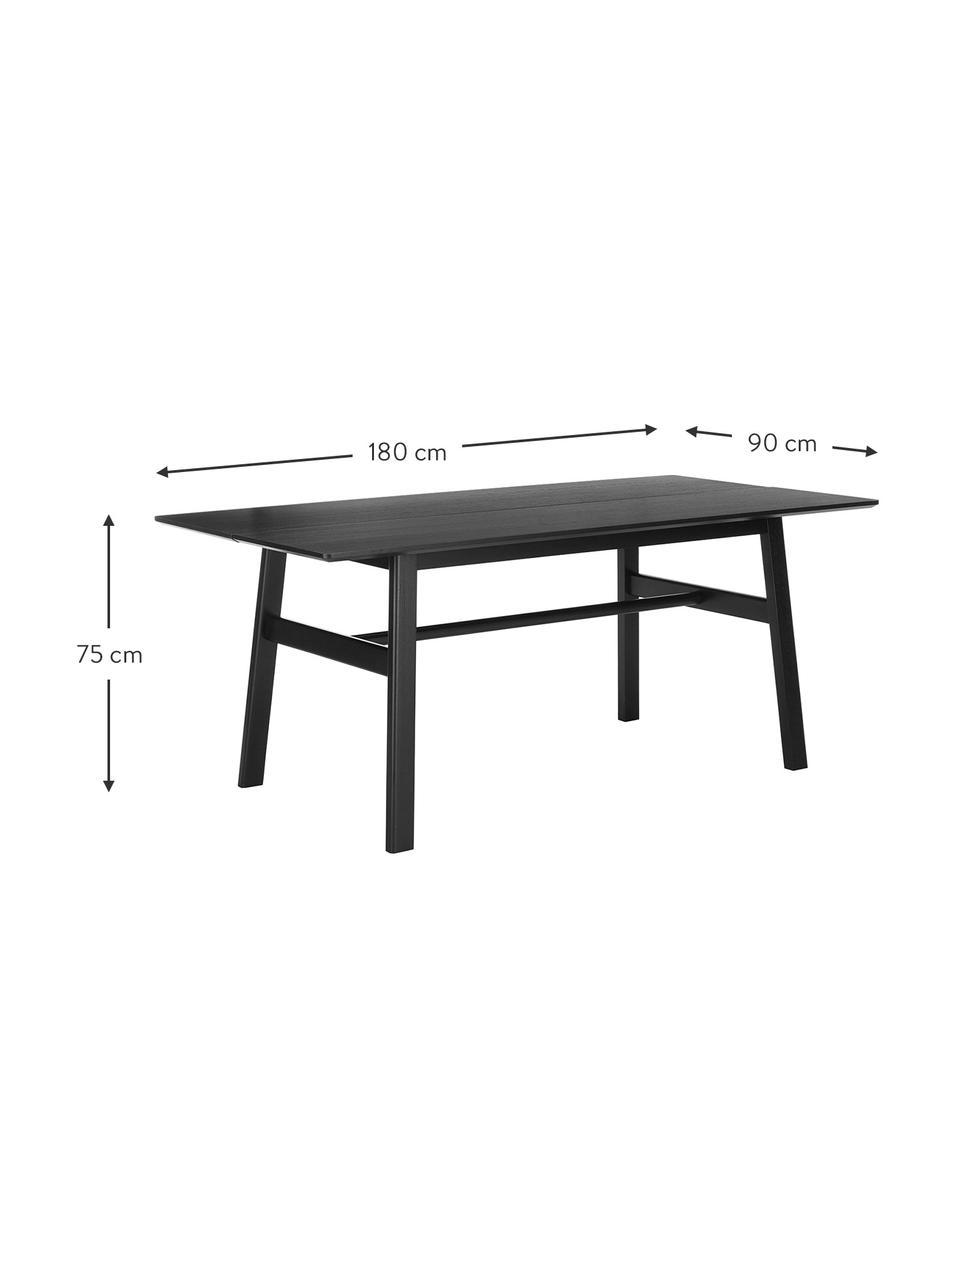 Massivholz Esstisch Larson in Schwarz, Tischplatte: Spanplatte mit Eichenholz, Gestell: Massiver Buchenholz mit E, Eichenholzfurnier, schwarz lackiert, B 180 x T 90 cm